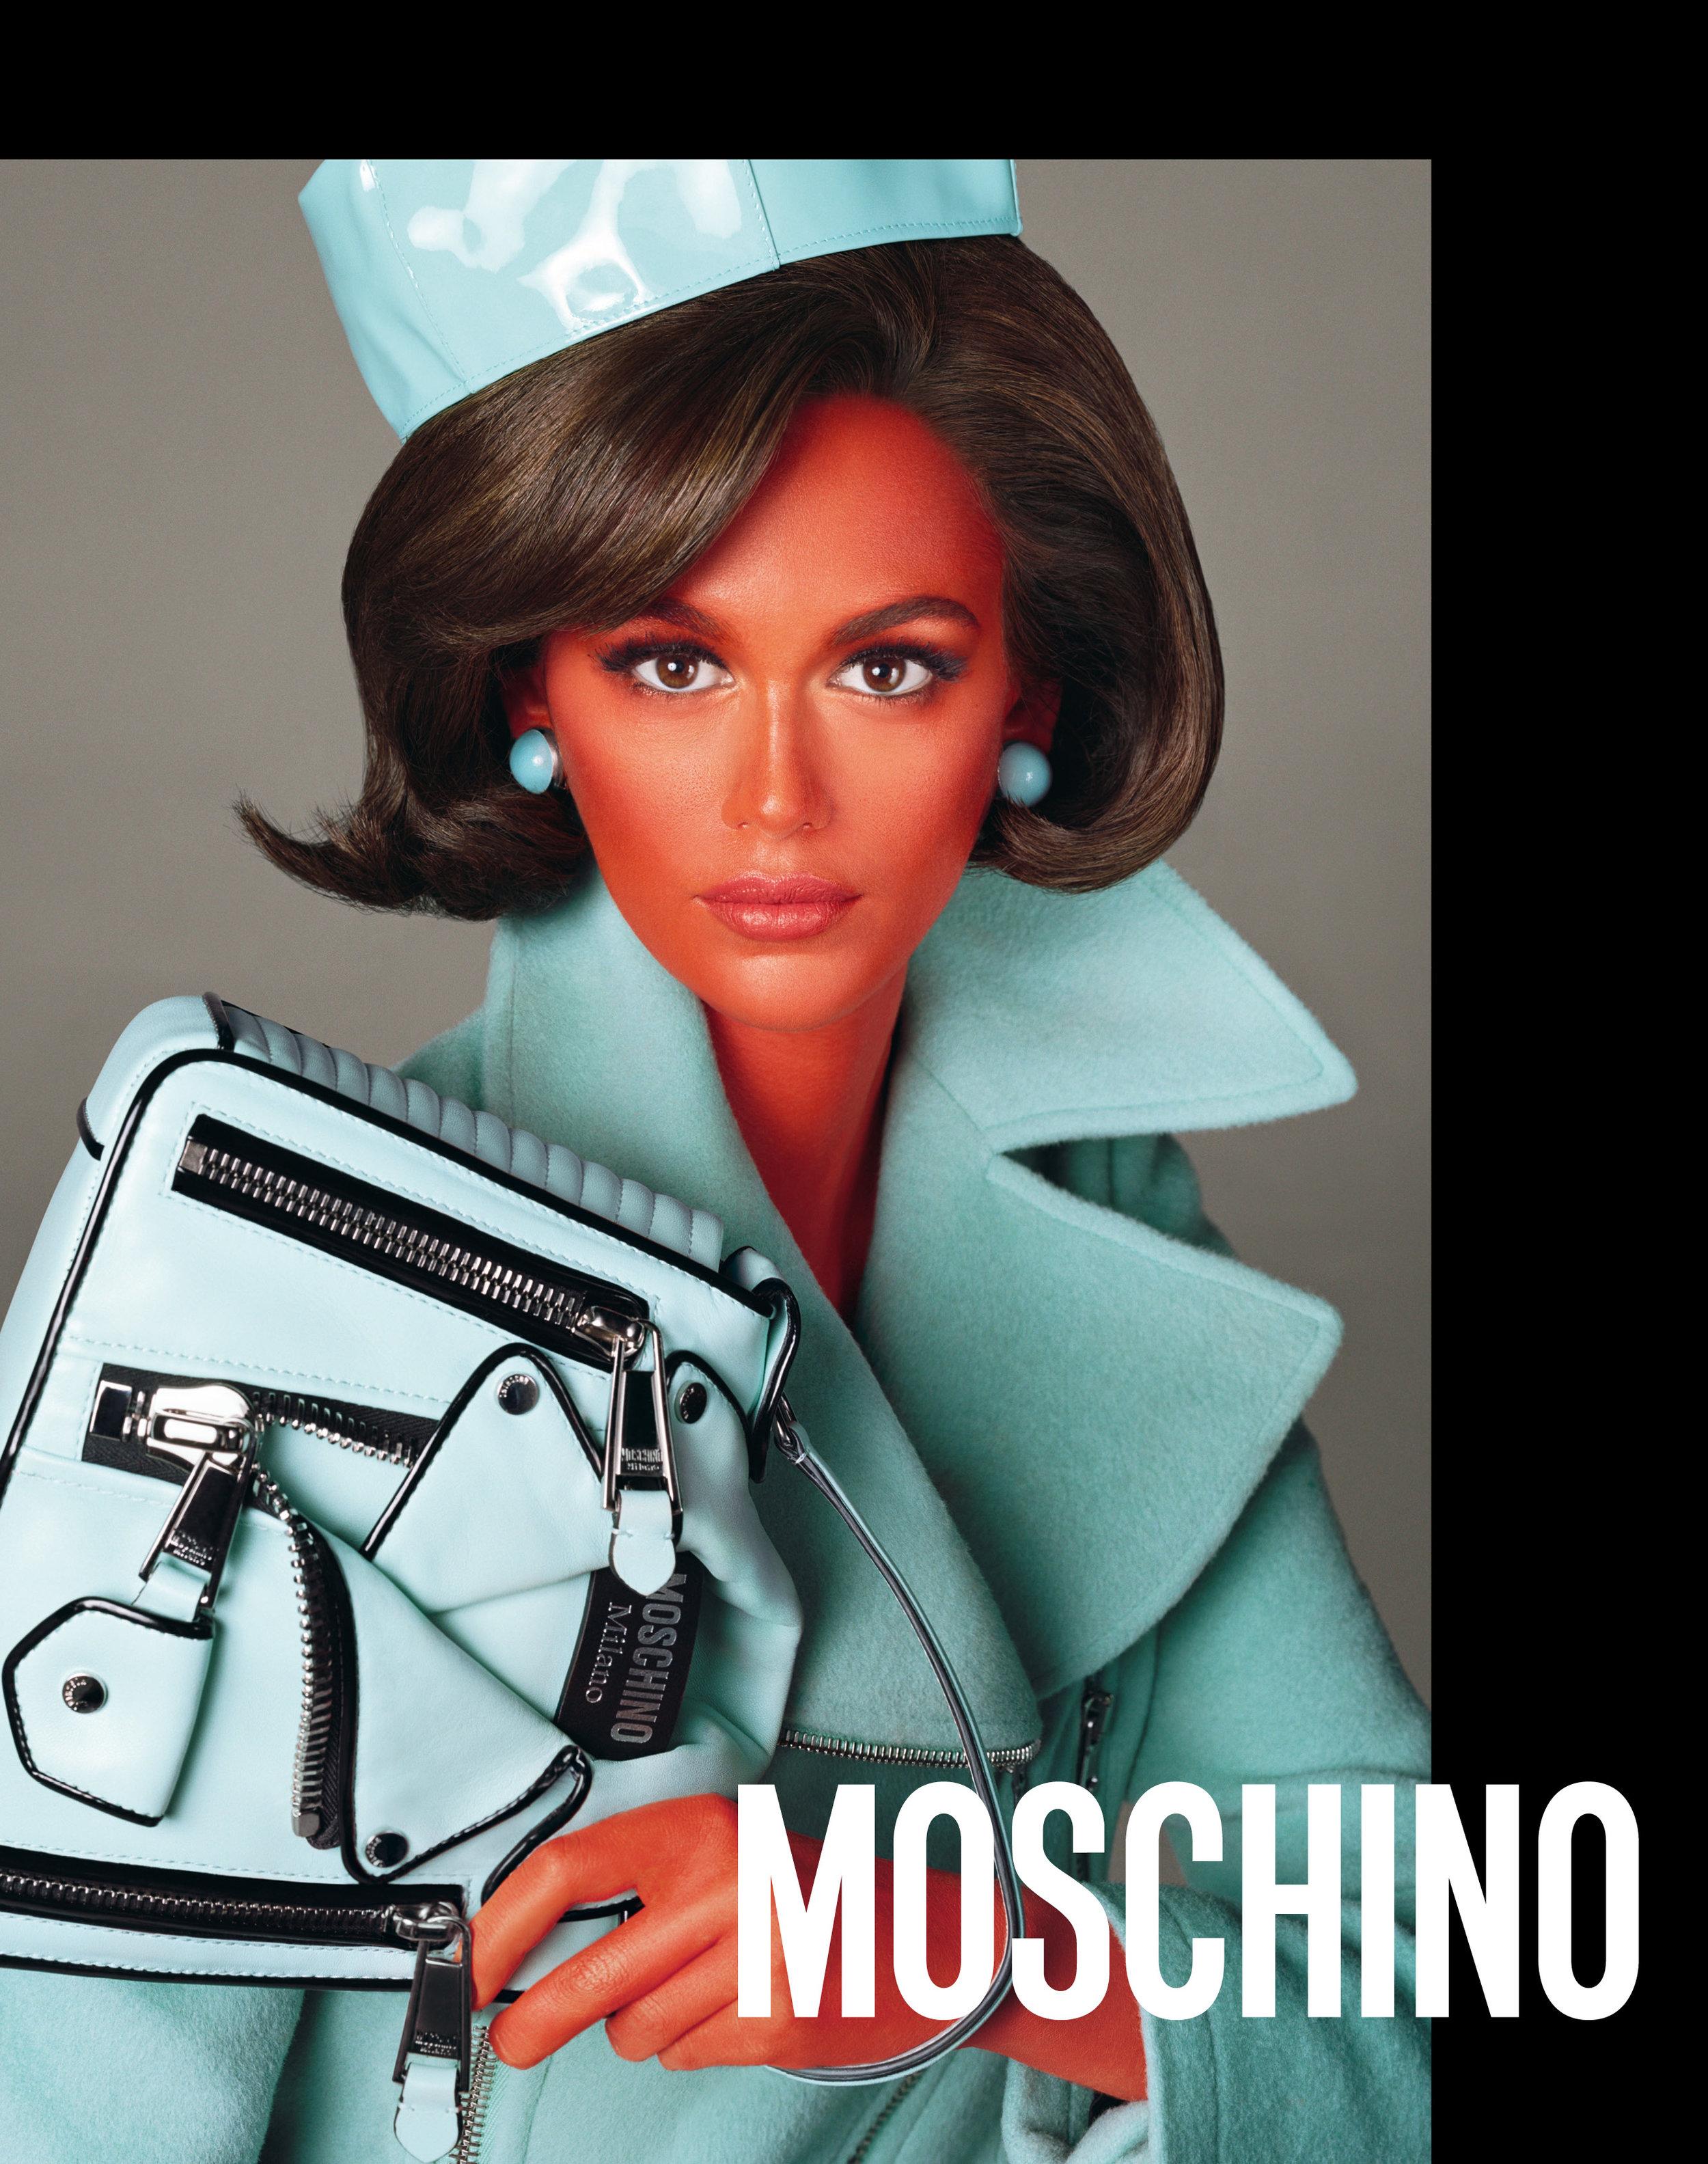 Moschino_2_20_moschino_fw_18_19_adv_campaign_images_-_kaia_gerber.jpg